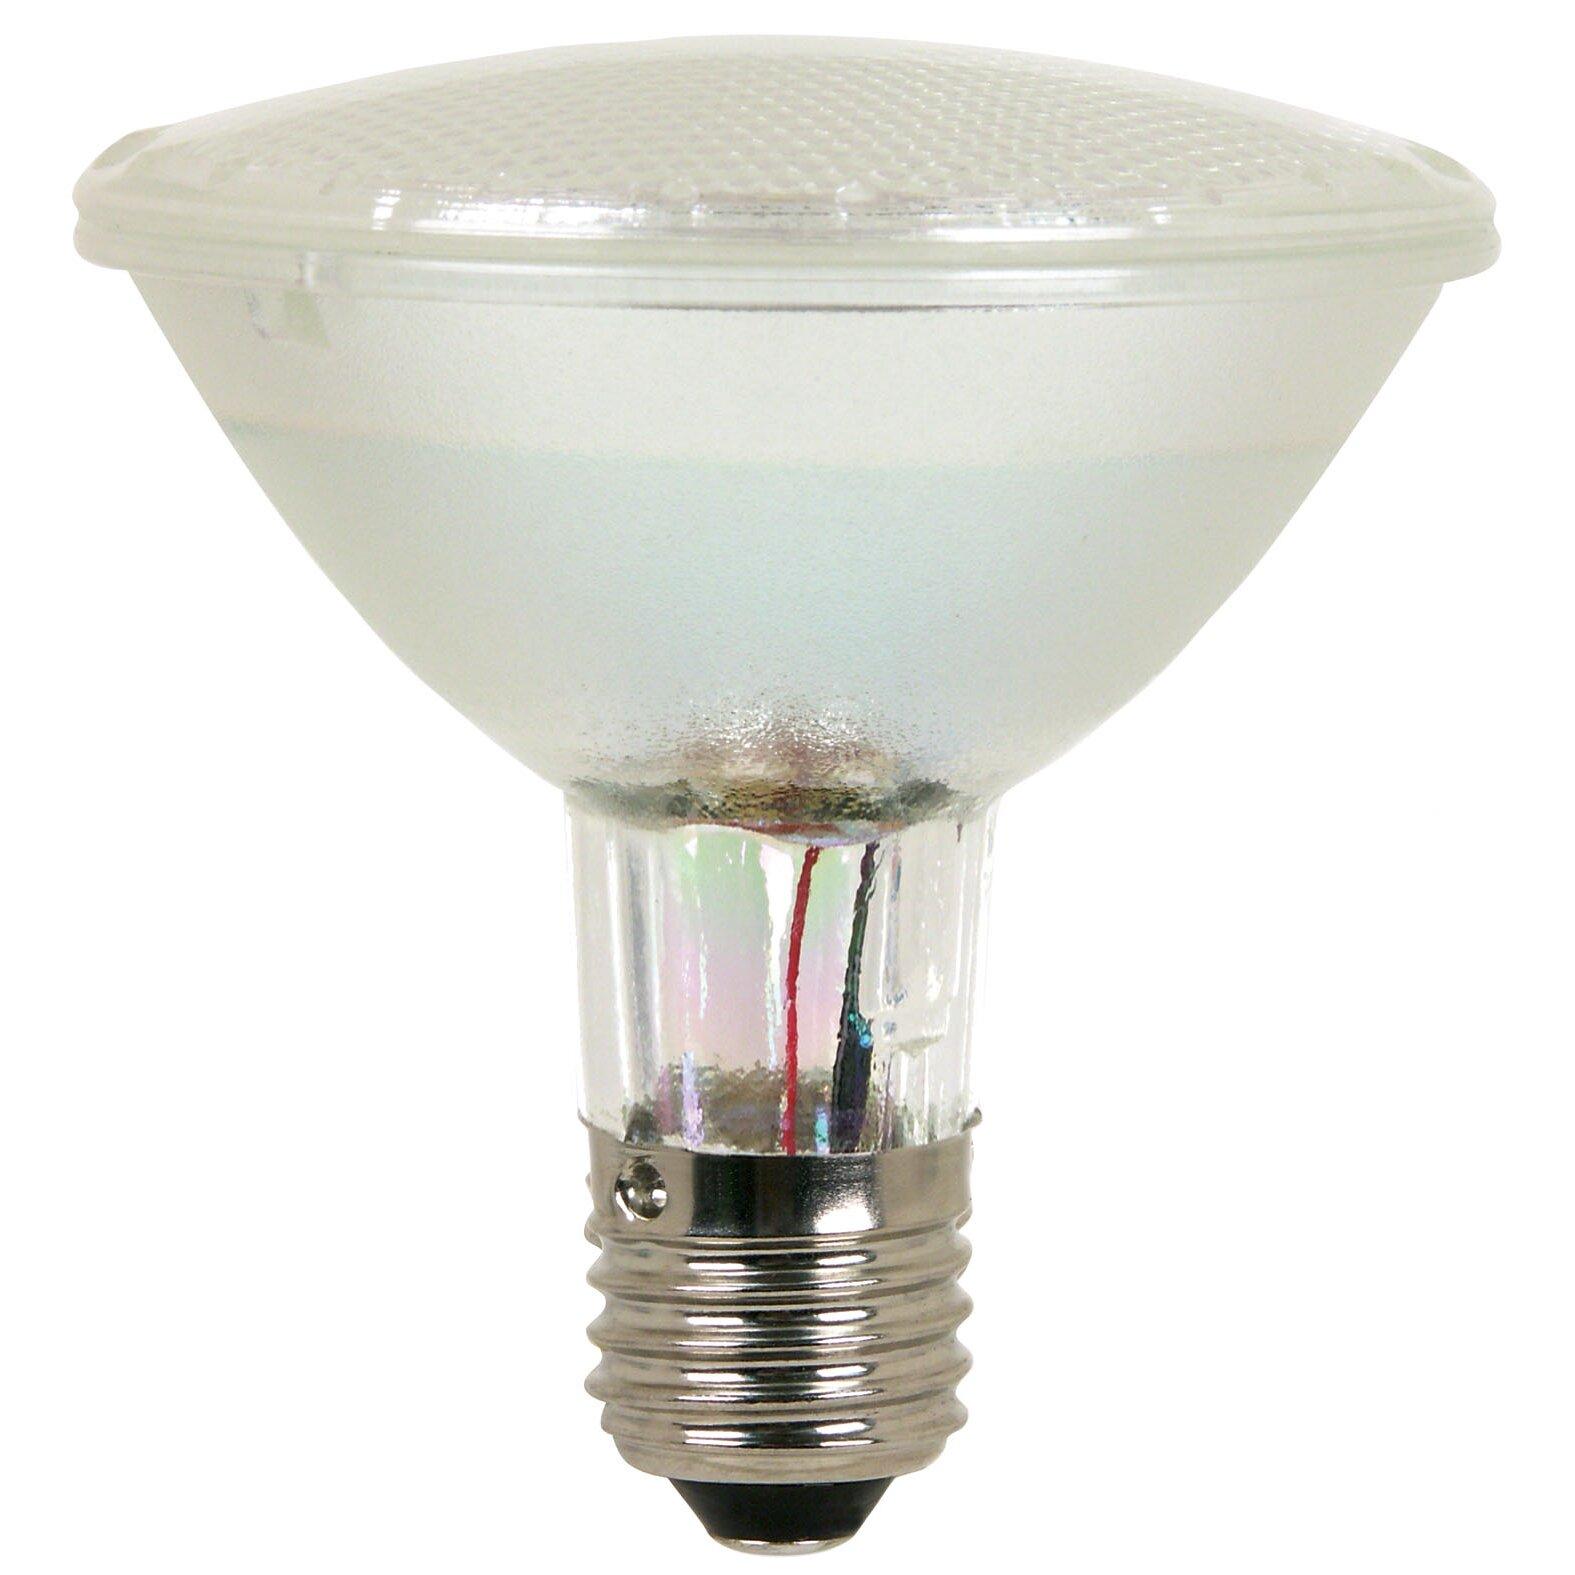 7w 120 volt led light bulb bppar30 l. Black Bedroom Furniture Sets. Home Design Ideas